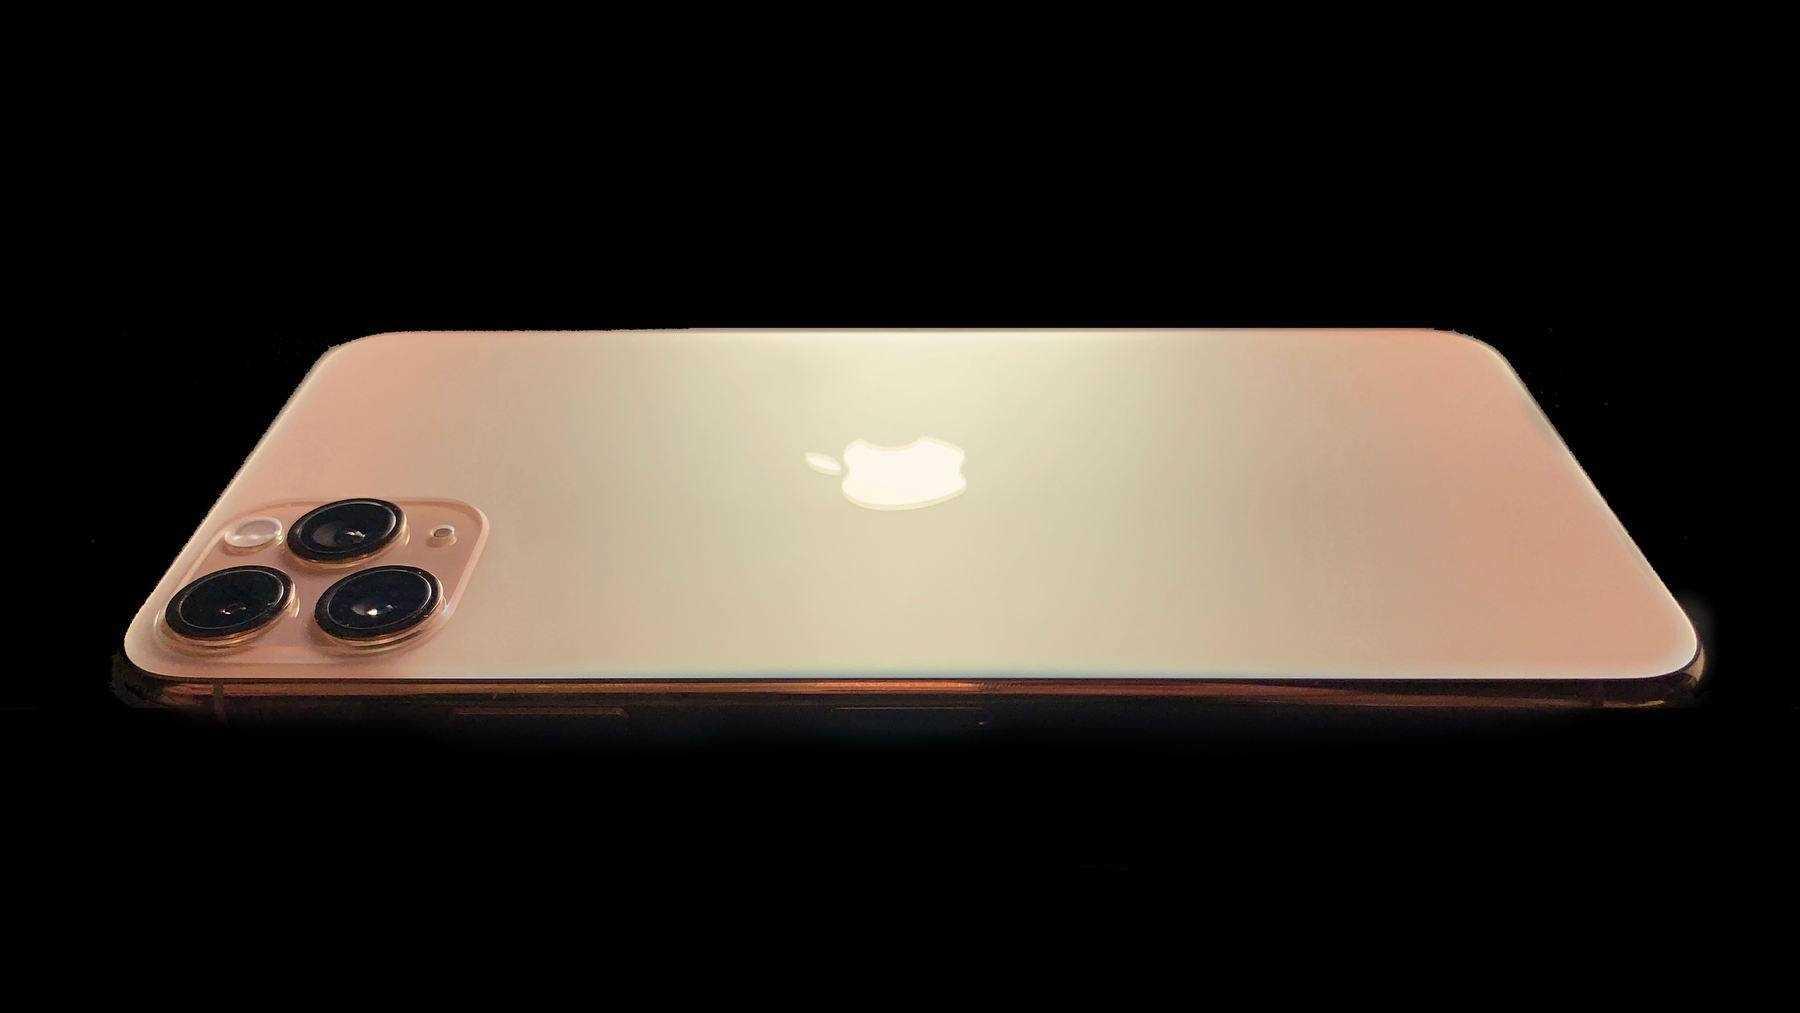 iphone12pro max电池健康下降很快_电池健康下降快的原因